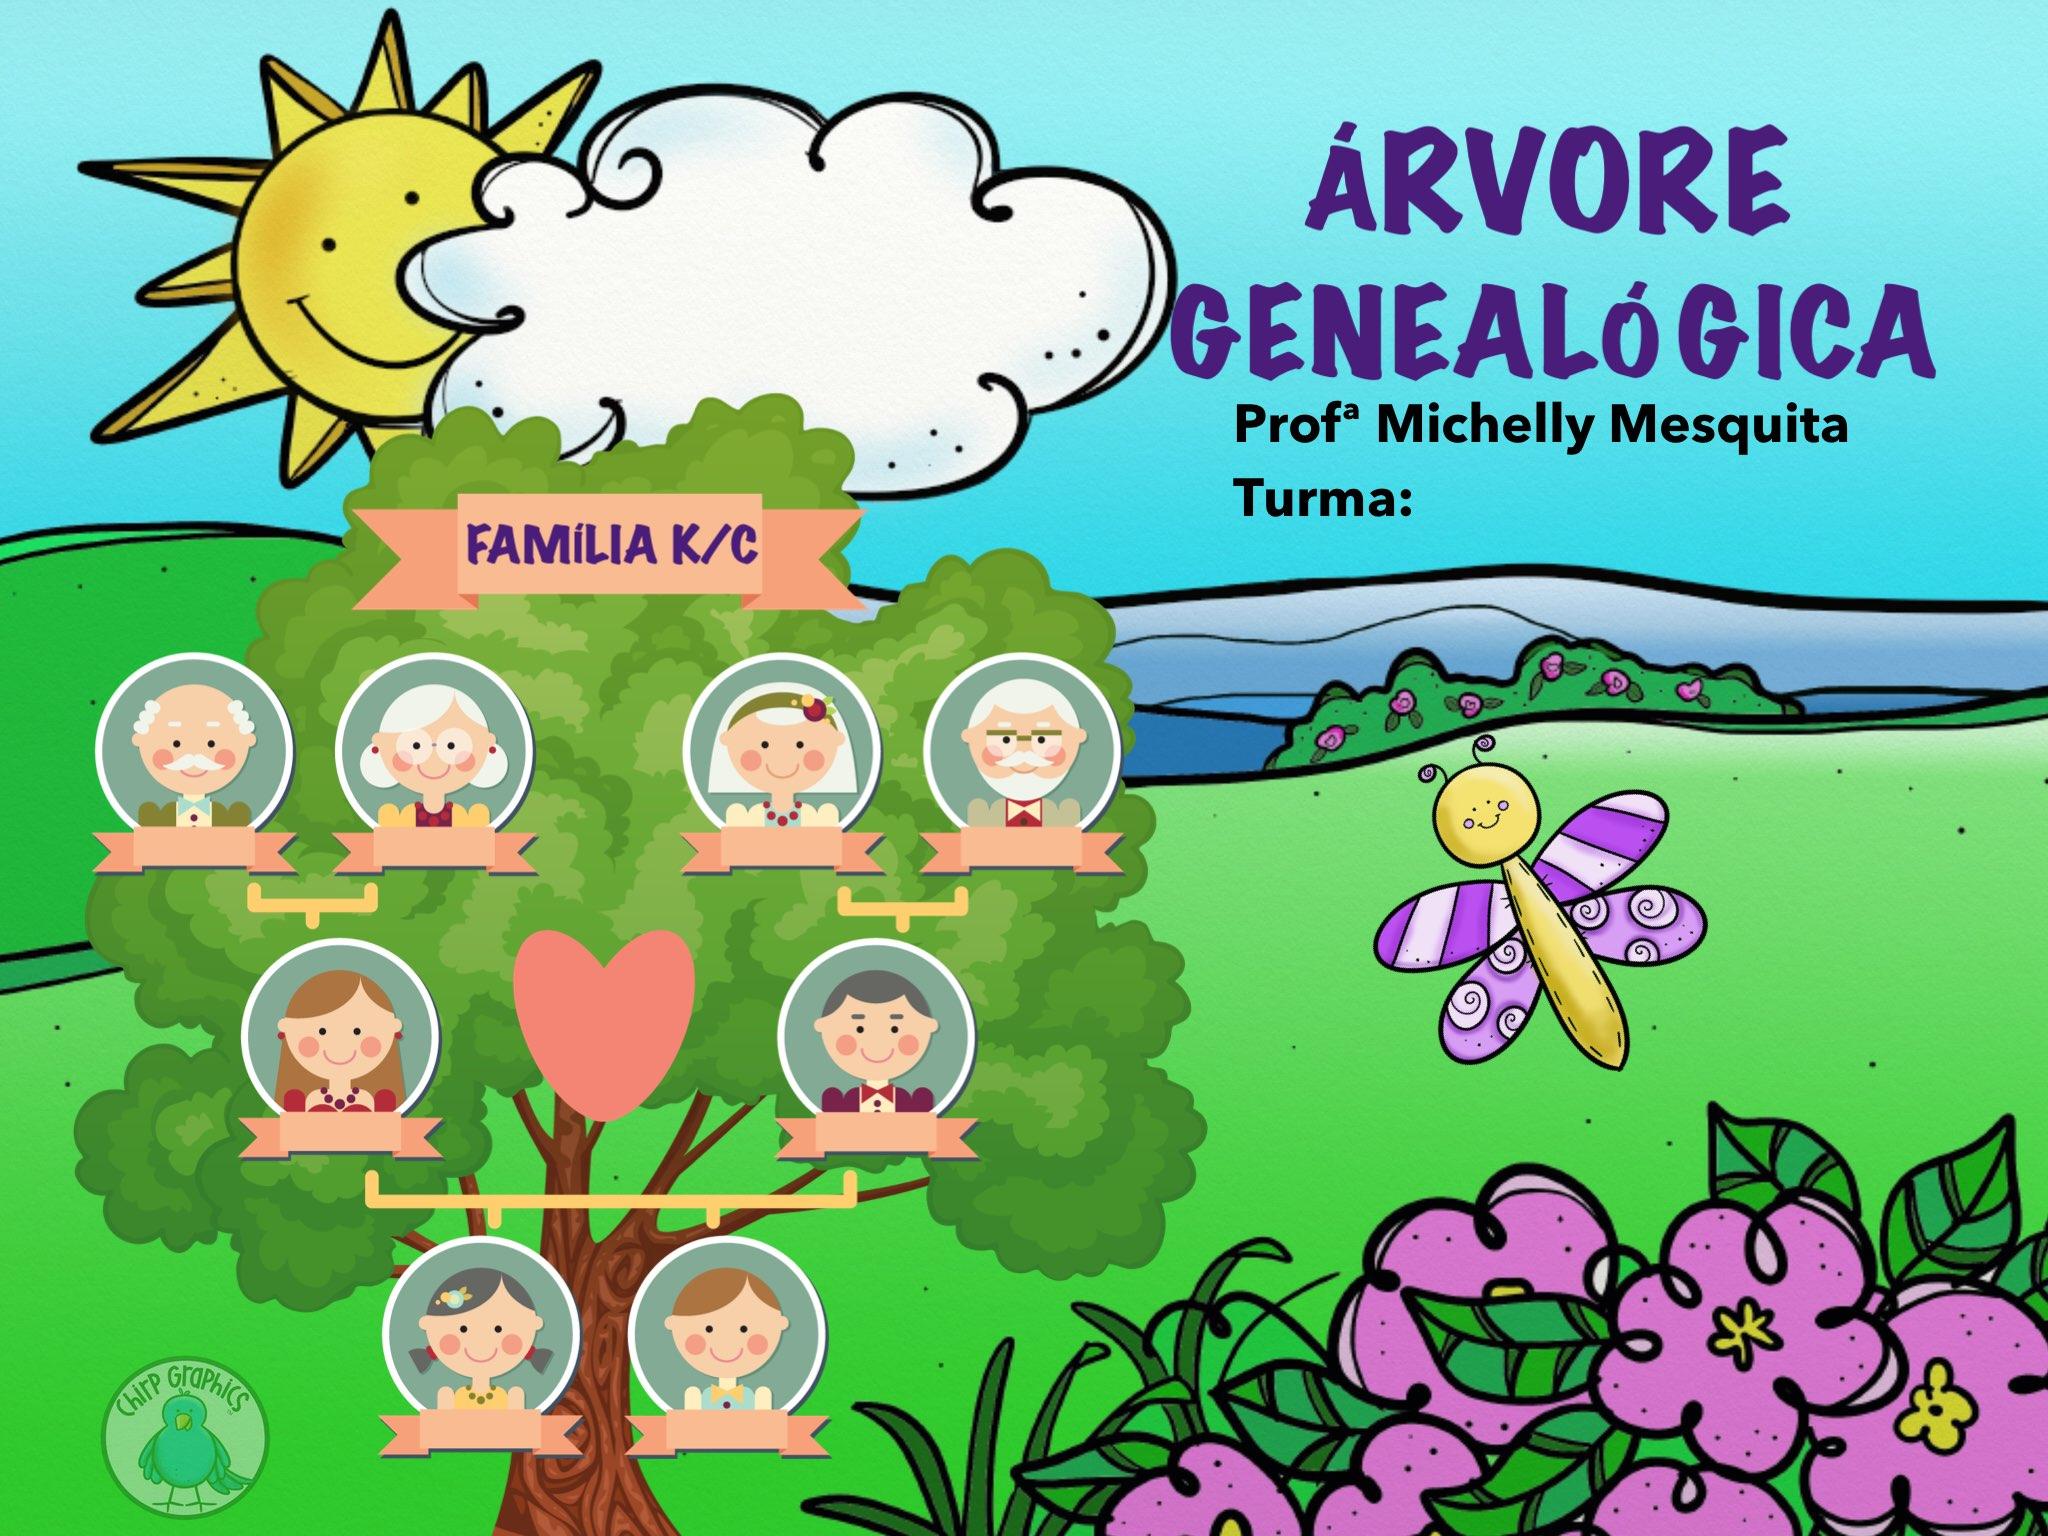 play Árvore genealógica jogo teste by pueri digital verbo divino